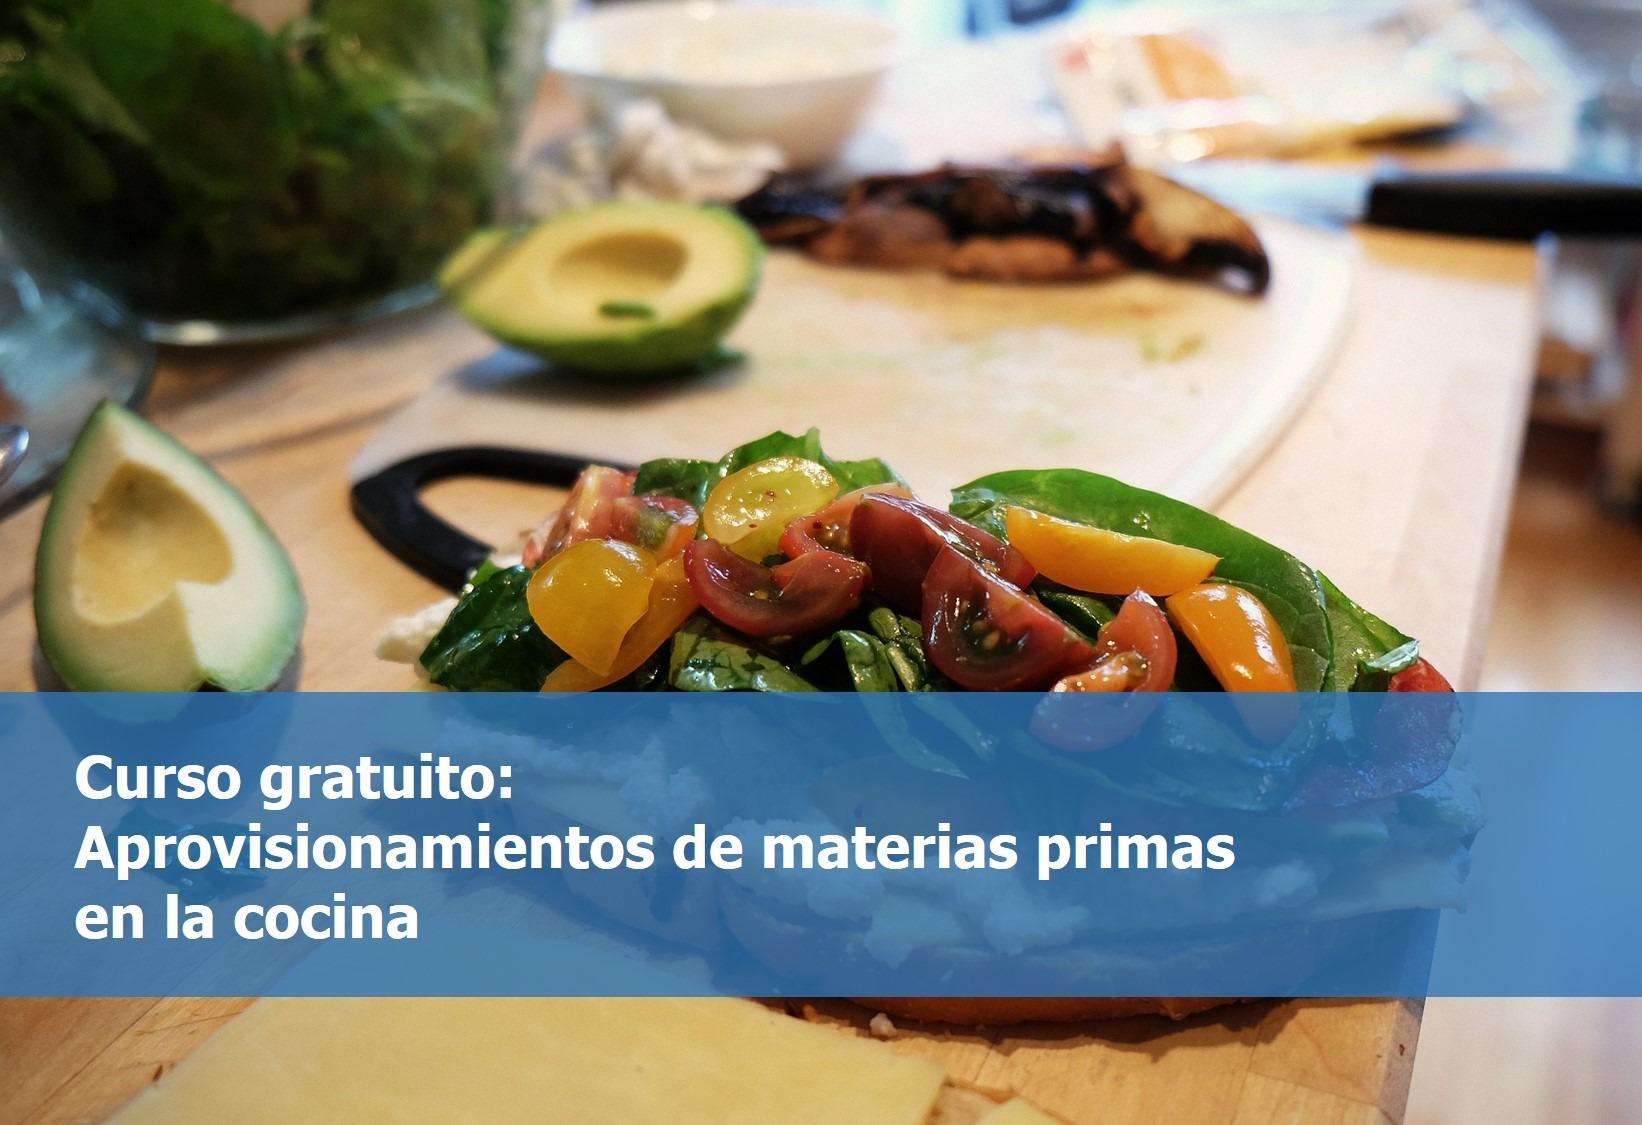 Nuevos cursos gratuitos de jefe de cocina recepci n - Aprovisionamiento de materias primas en cocina ...